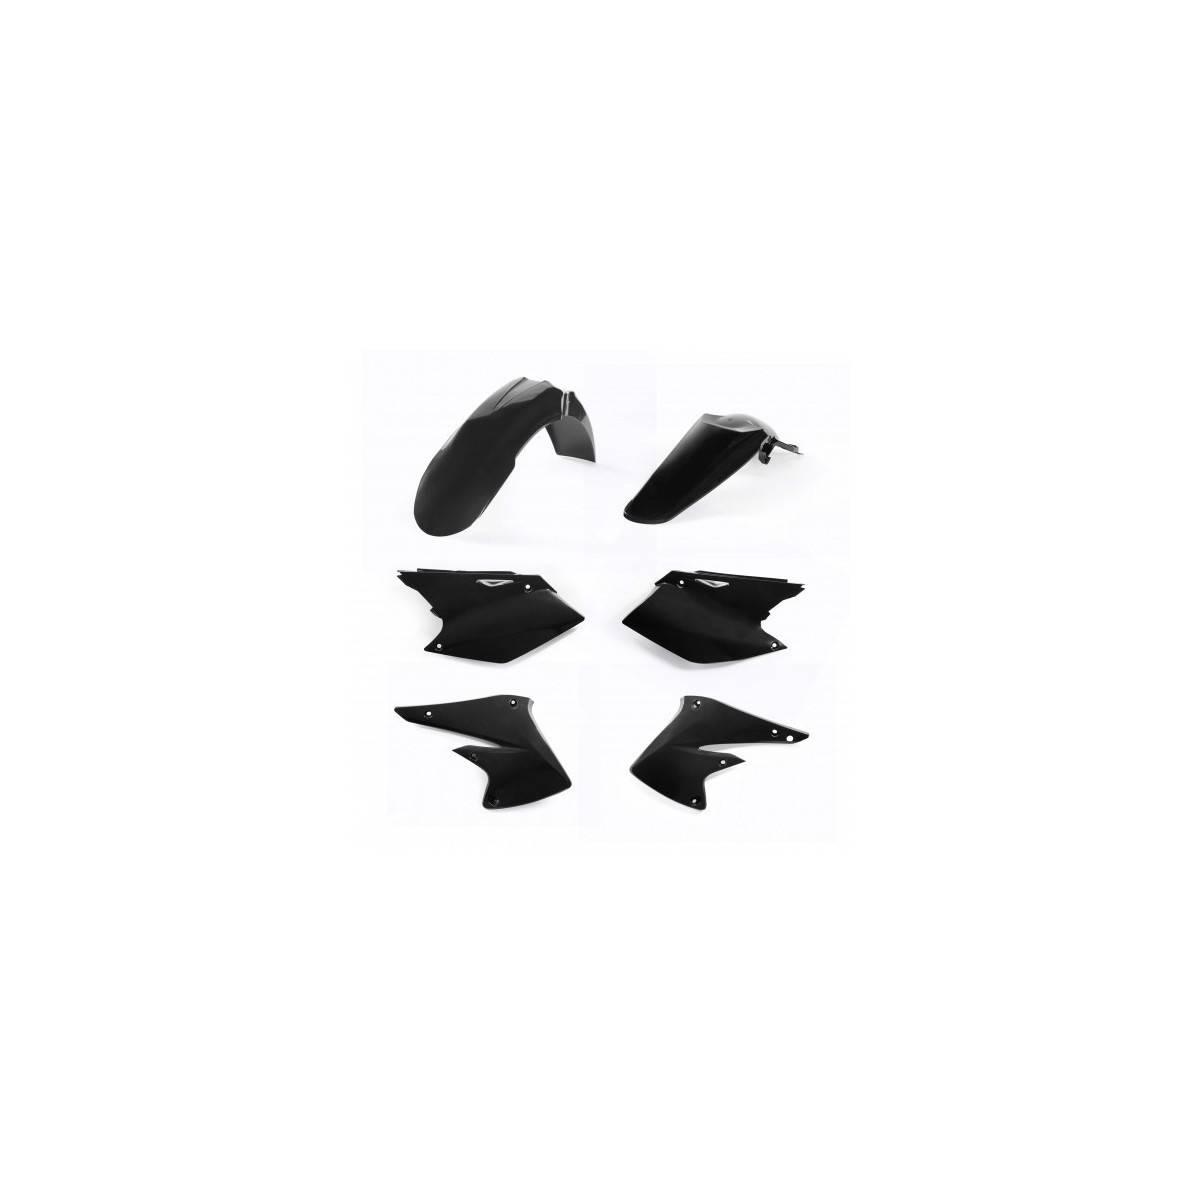 0016878-090 - Kit Plasticos Kxf 250 13 16 Negro